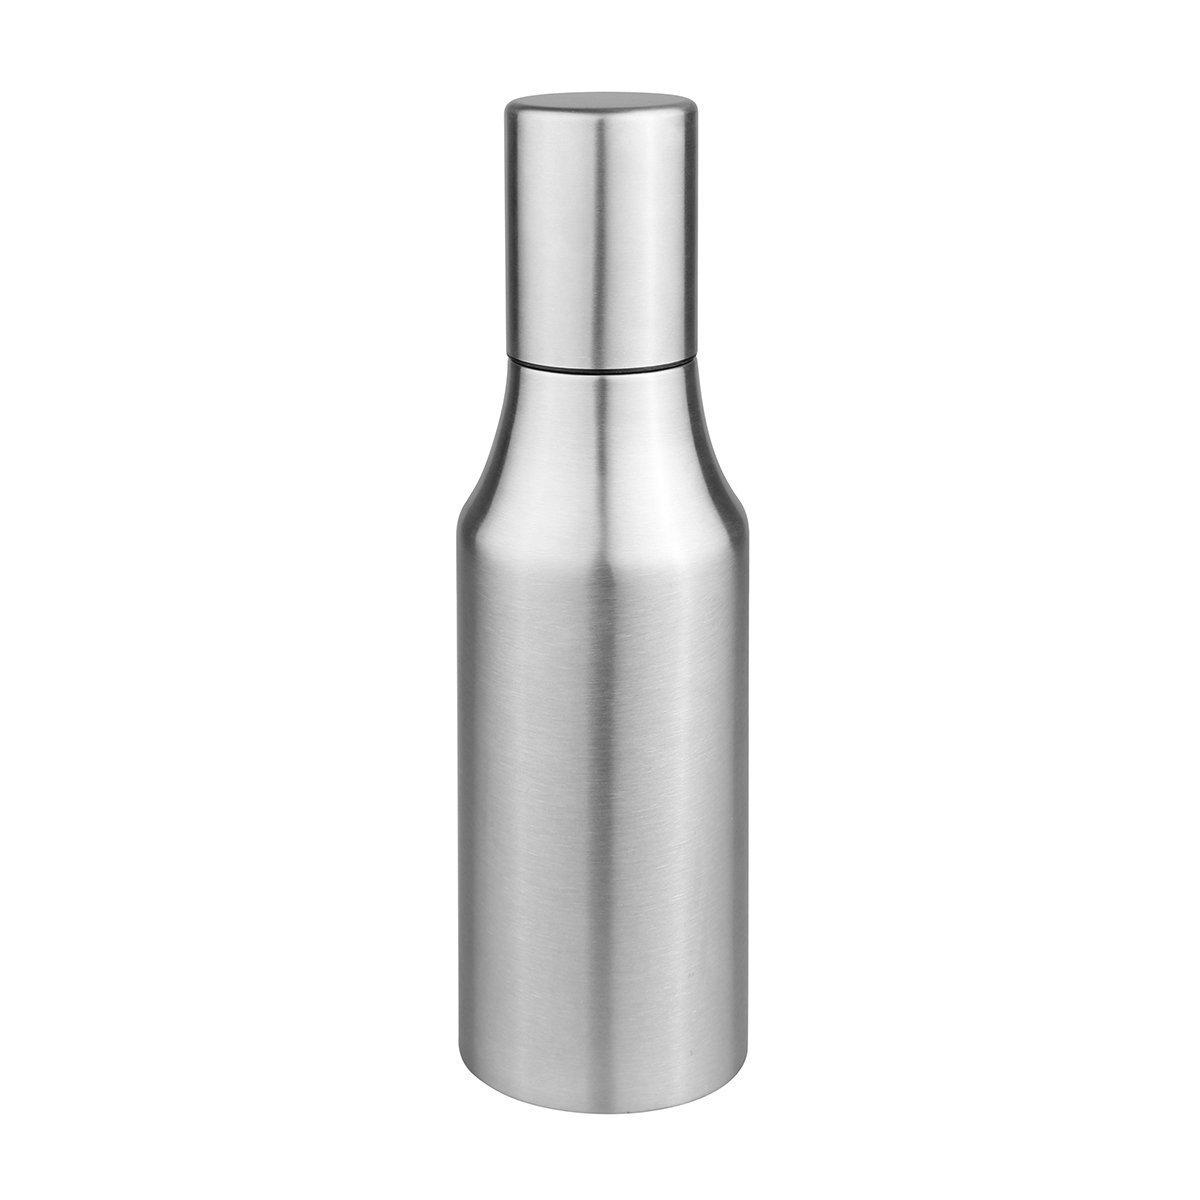 Powstro Olive Oil Dispenser Bottle Oil Pourer Dispensing Bottles Stainless Steel Olive Oil Dispenser Leakproof Kitchen Oil & Vinegar Cruet (750ml)